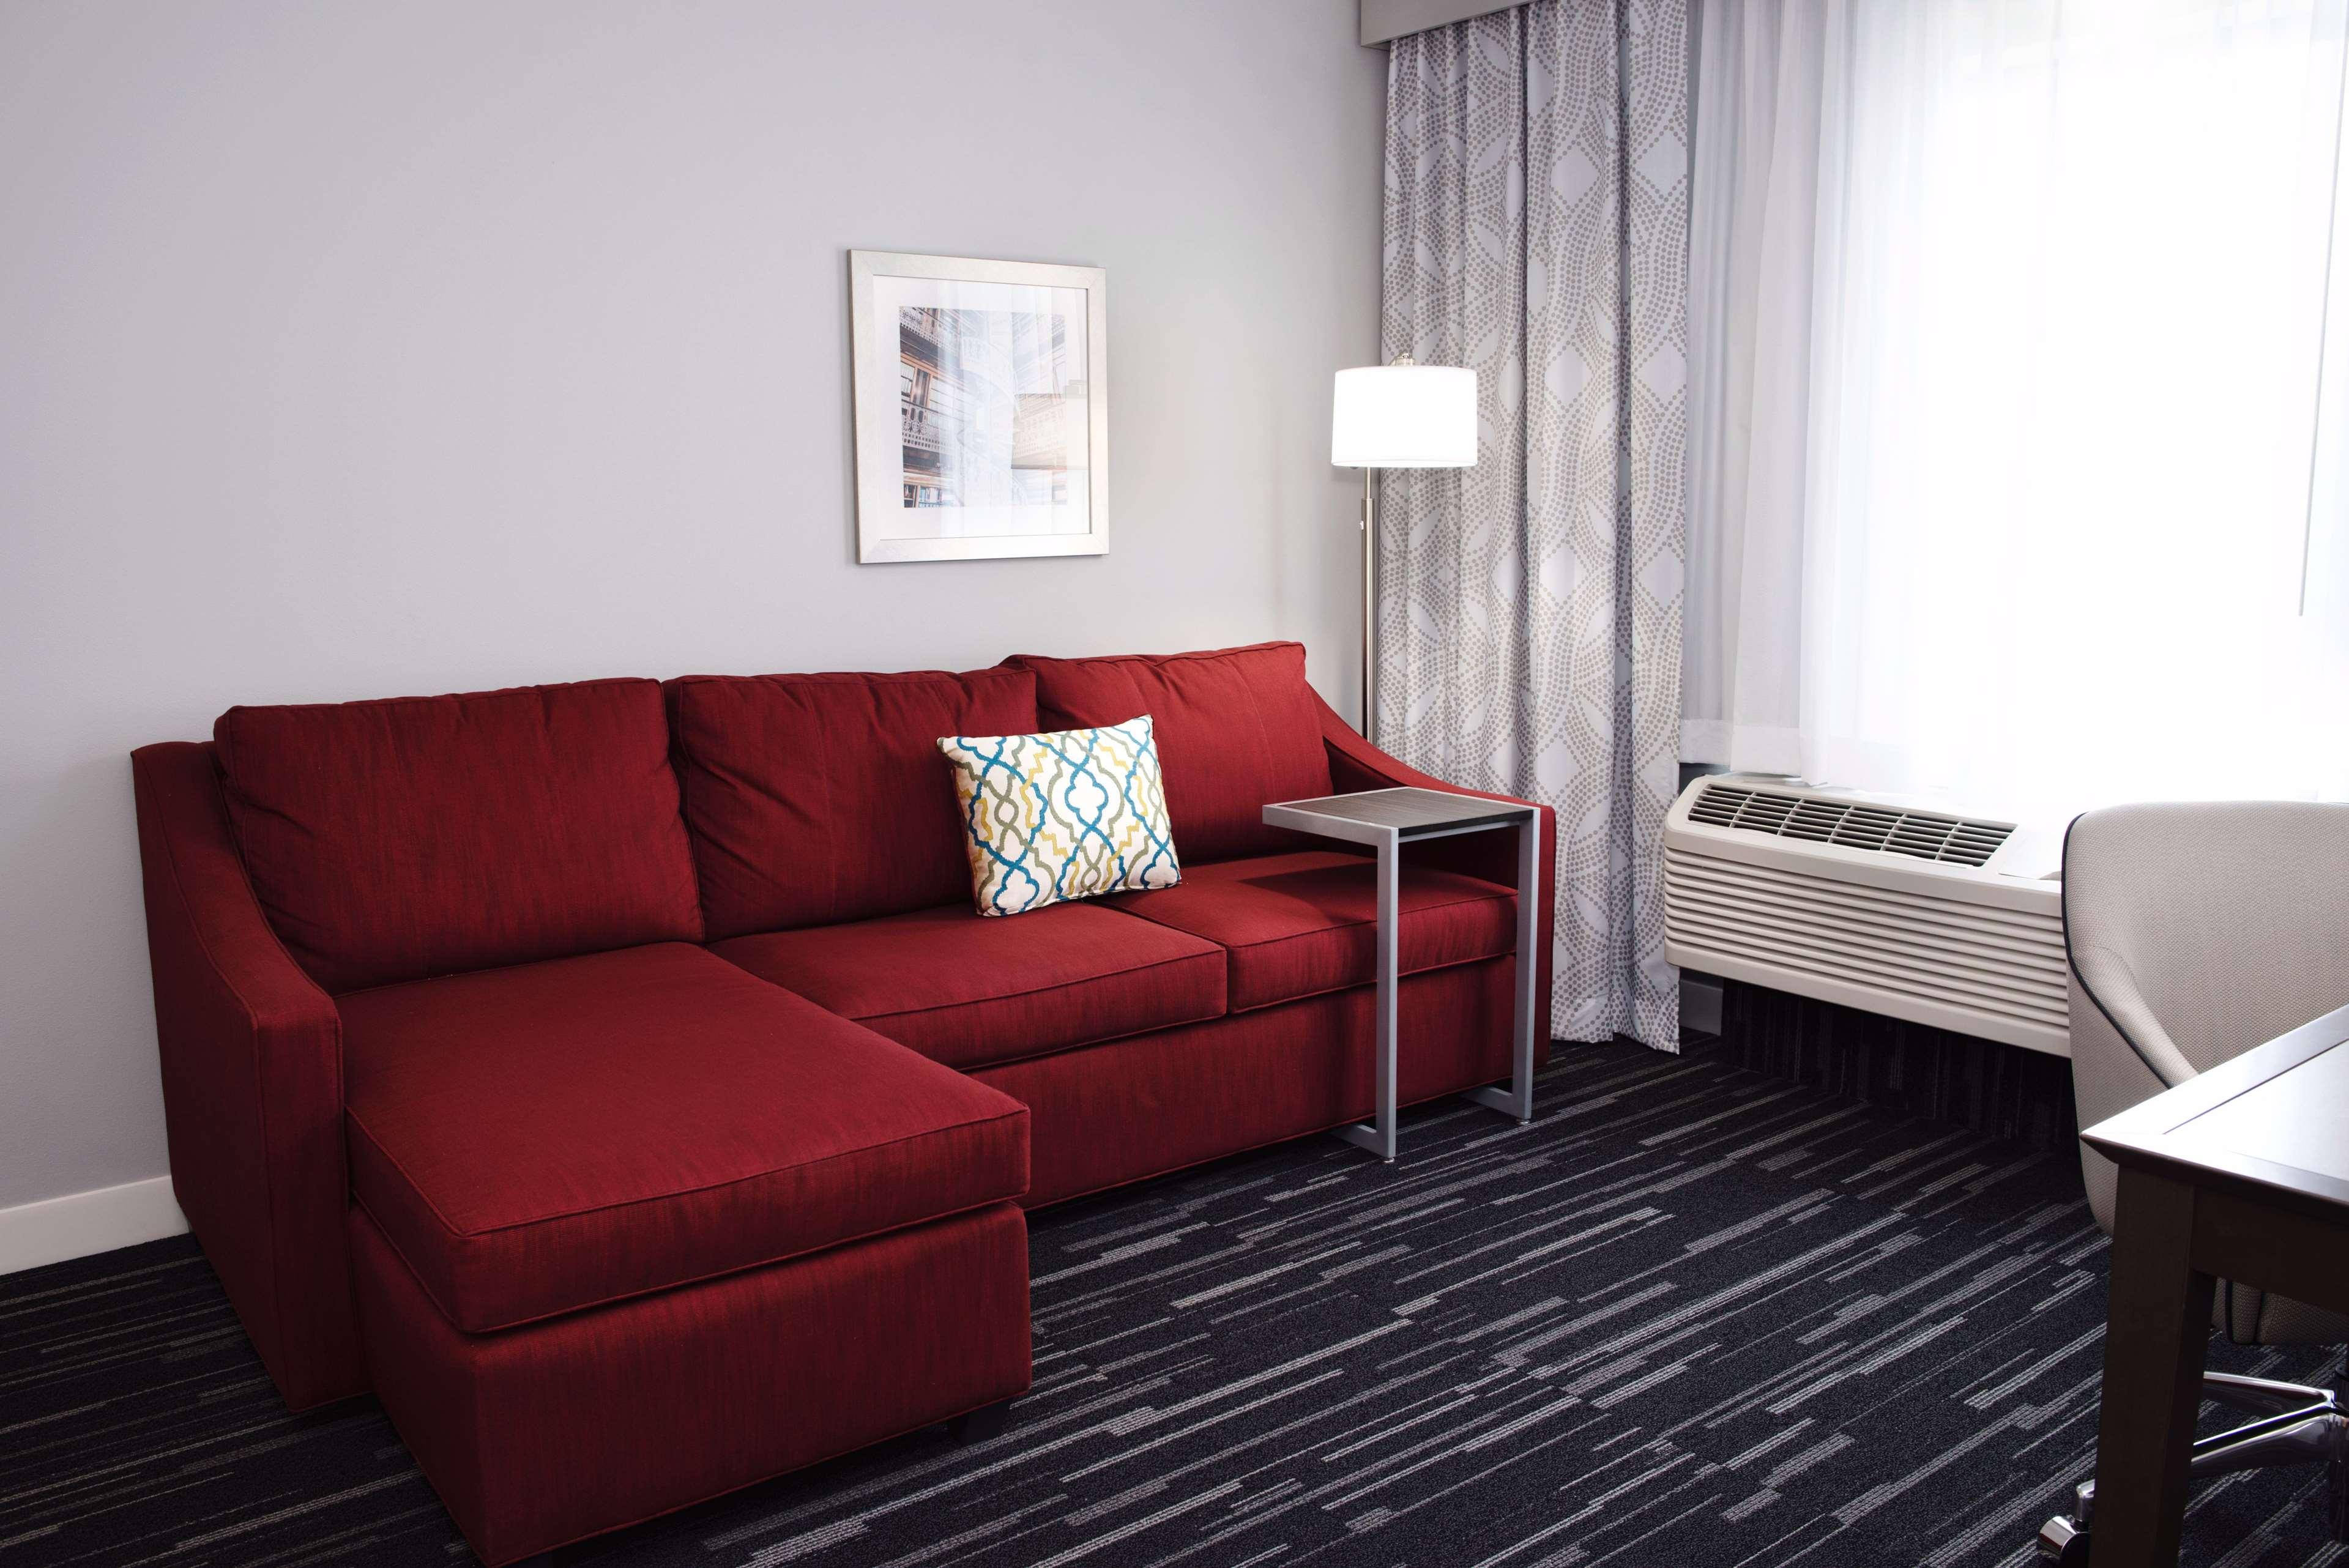 Hampton Inn & Suites Des Moines/Urbandale image 35